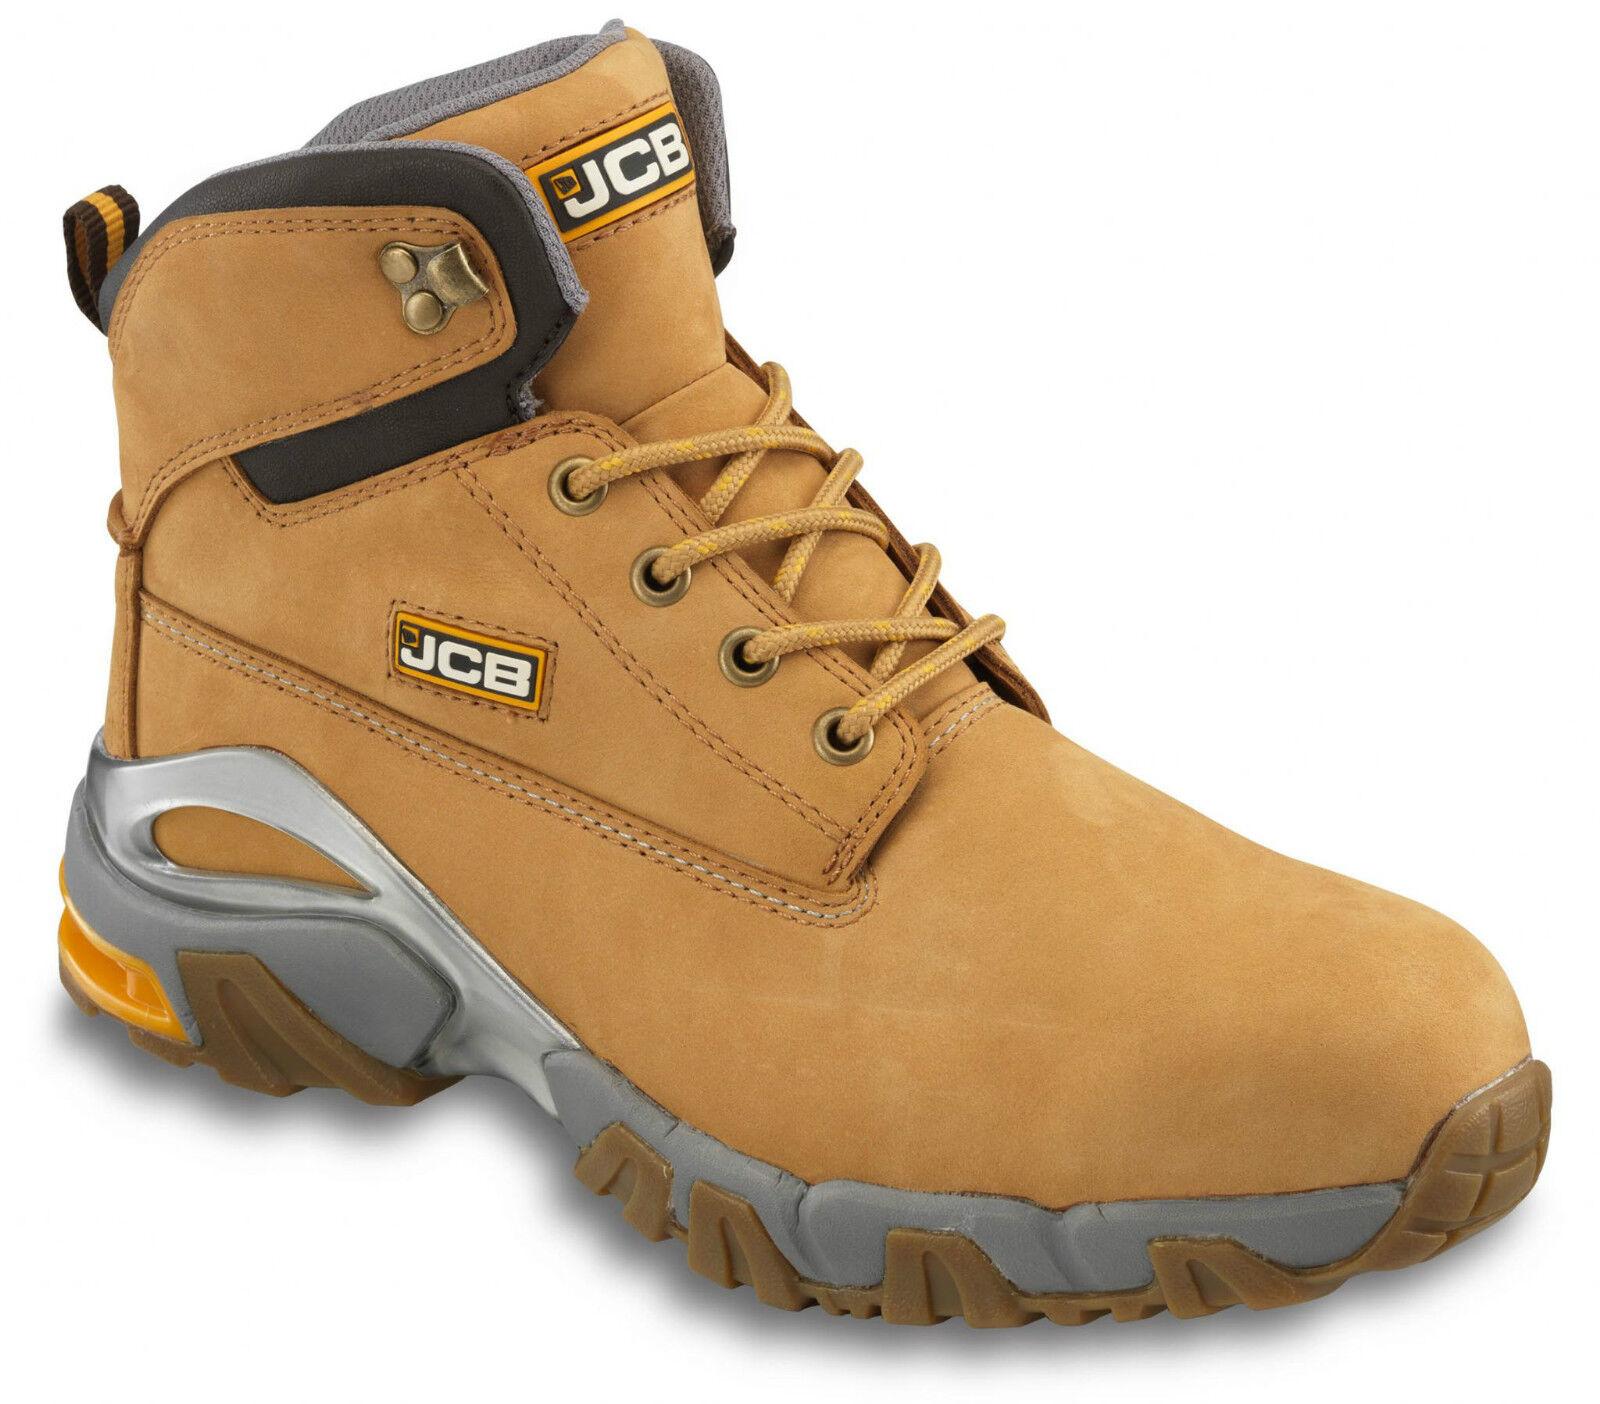 JCB 4X4 Impermeabile Sicurezza Lavoro Stivali Marrone Chiaro Più Miele (Taglia 7-12) Uomo Più Chiaro Ampia Fit c86249